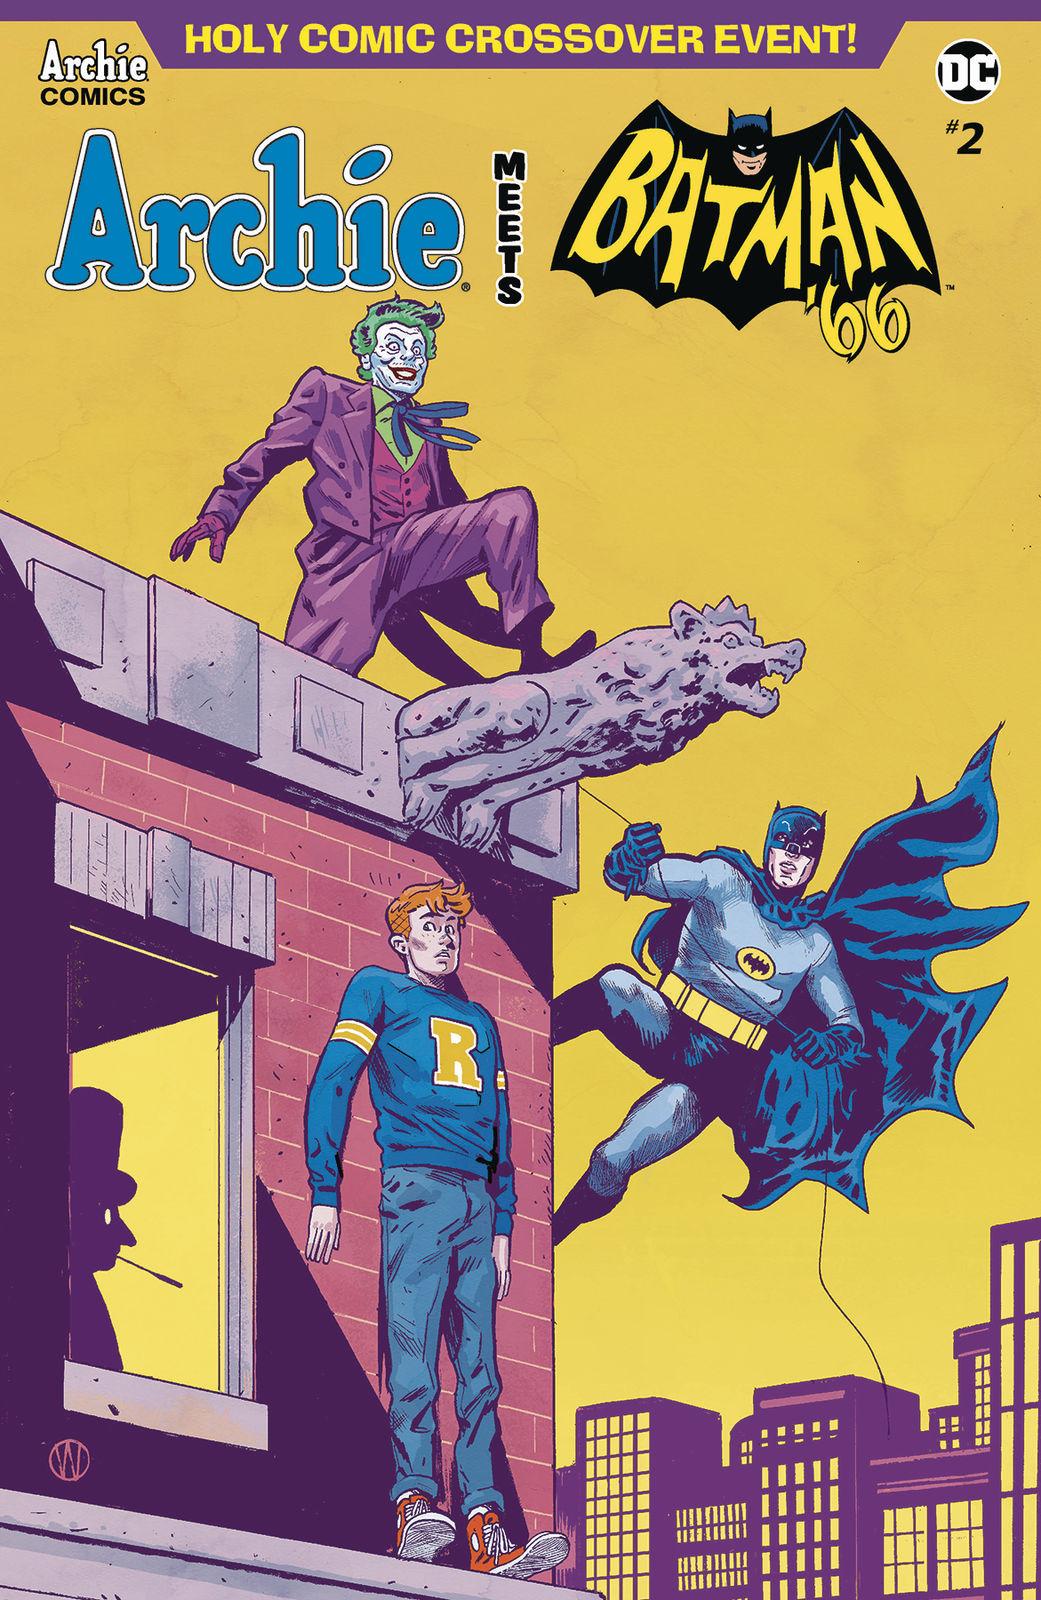 Archie Meets Batman 66 #4 Cvr F 2018 NM